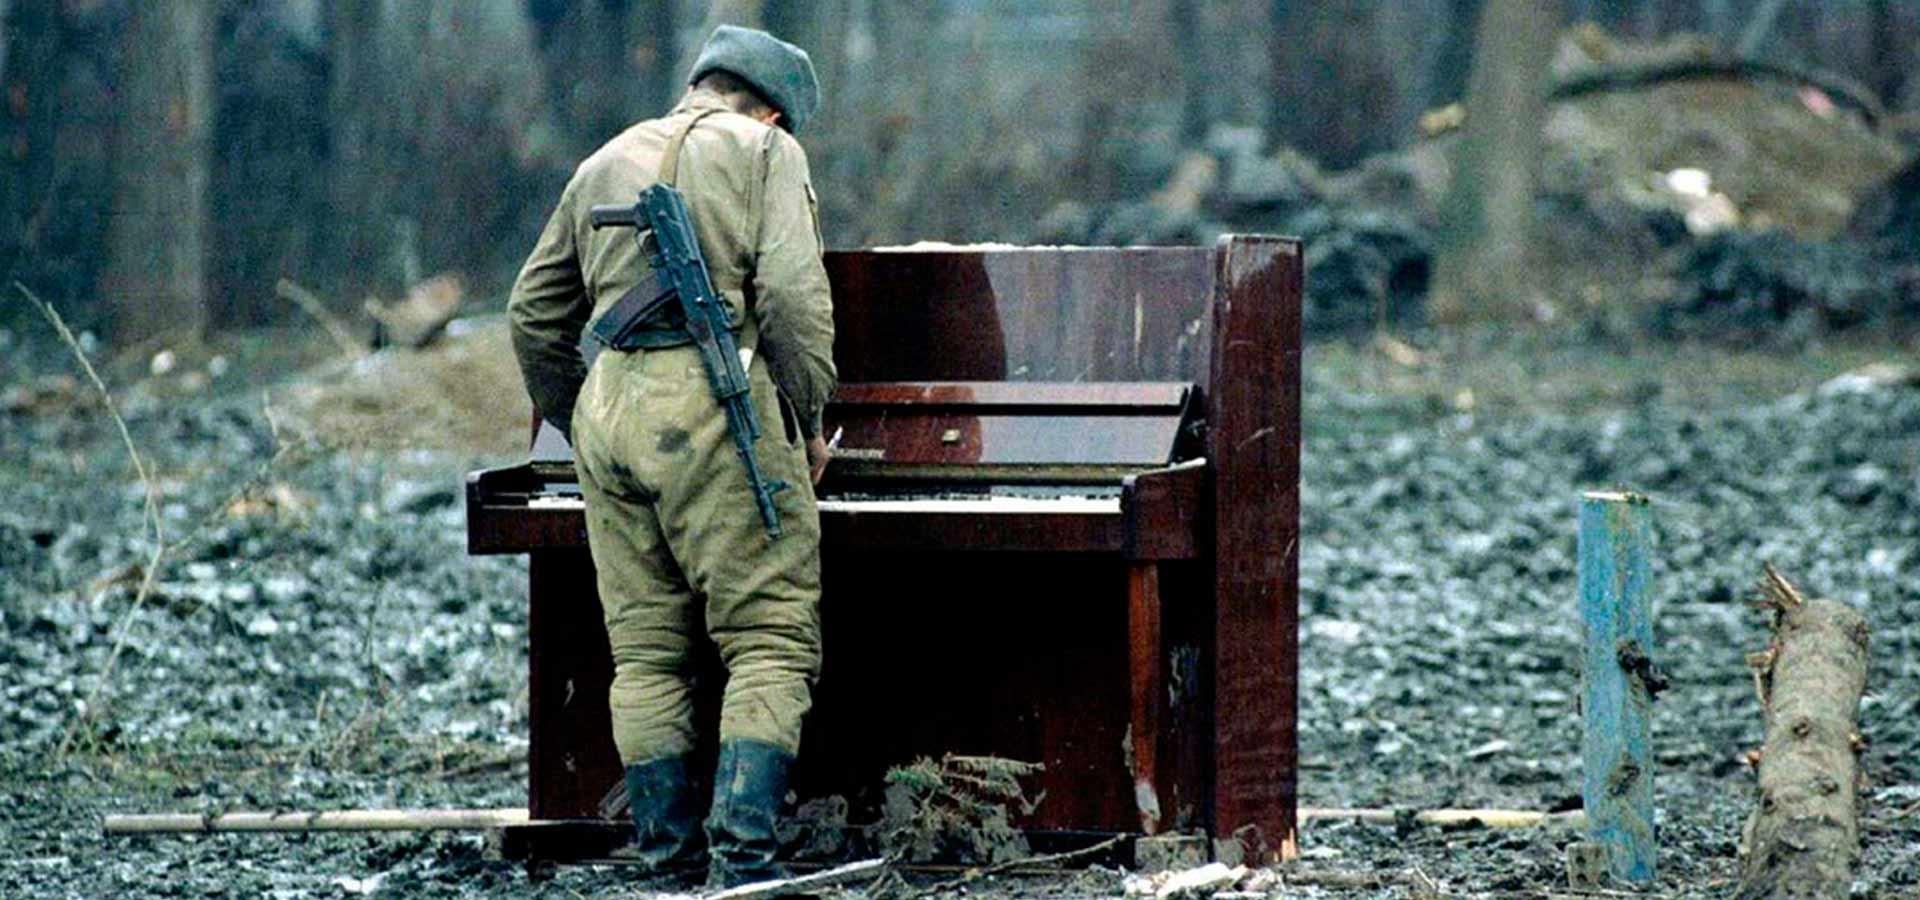 Росгвардия хочет купить музыкальные инструменты для поддержания боевого духа военнослужащих